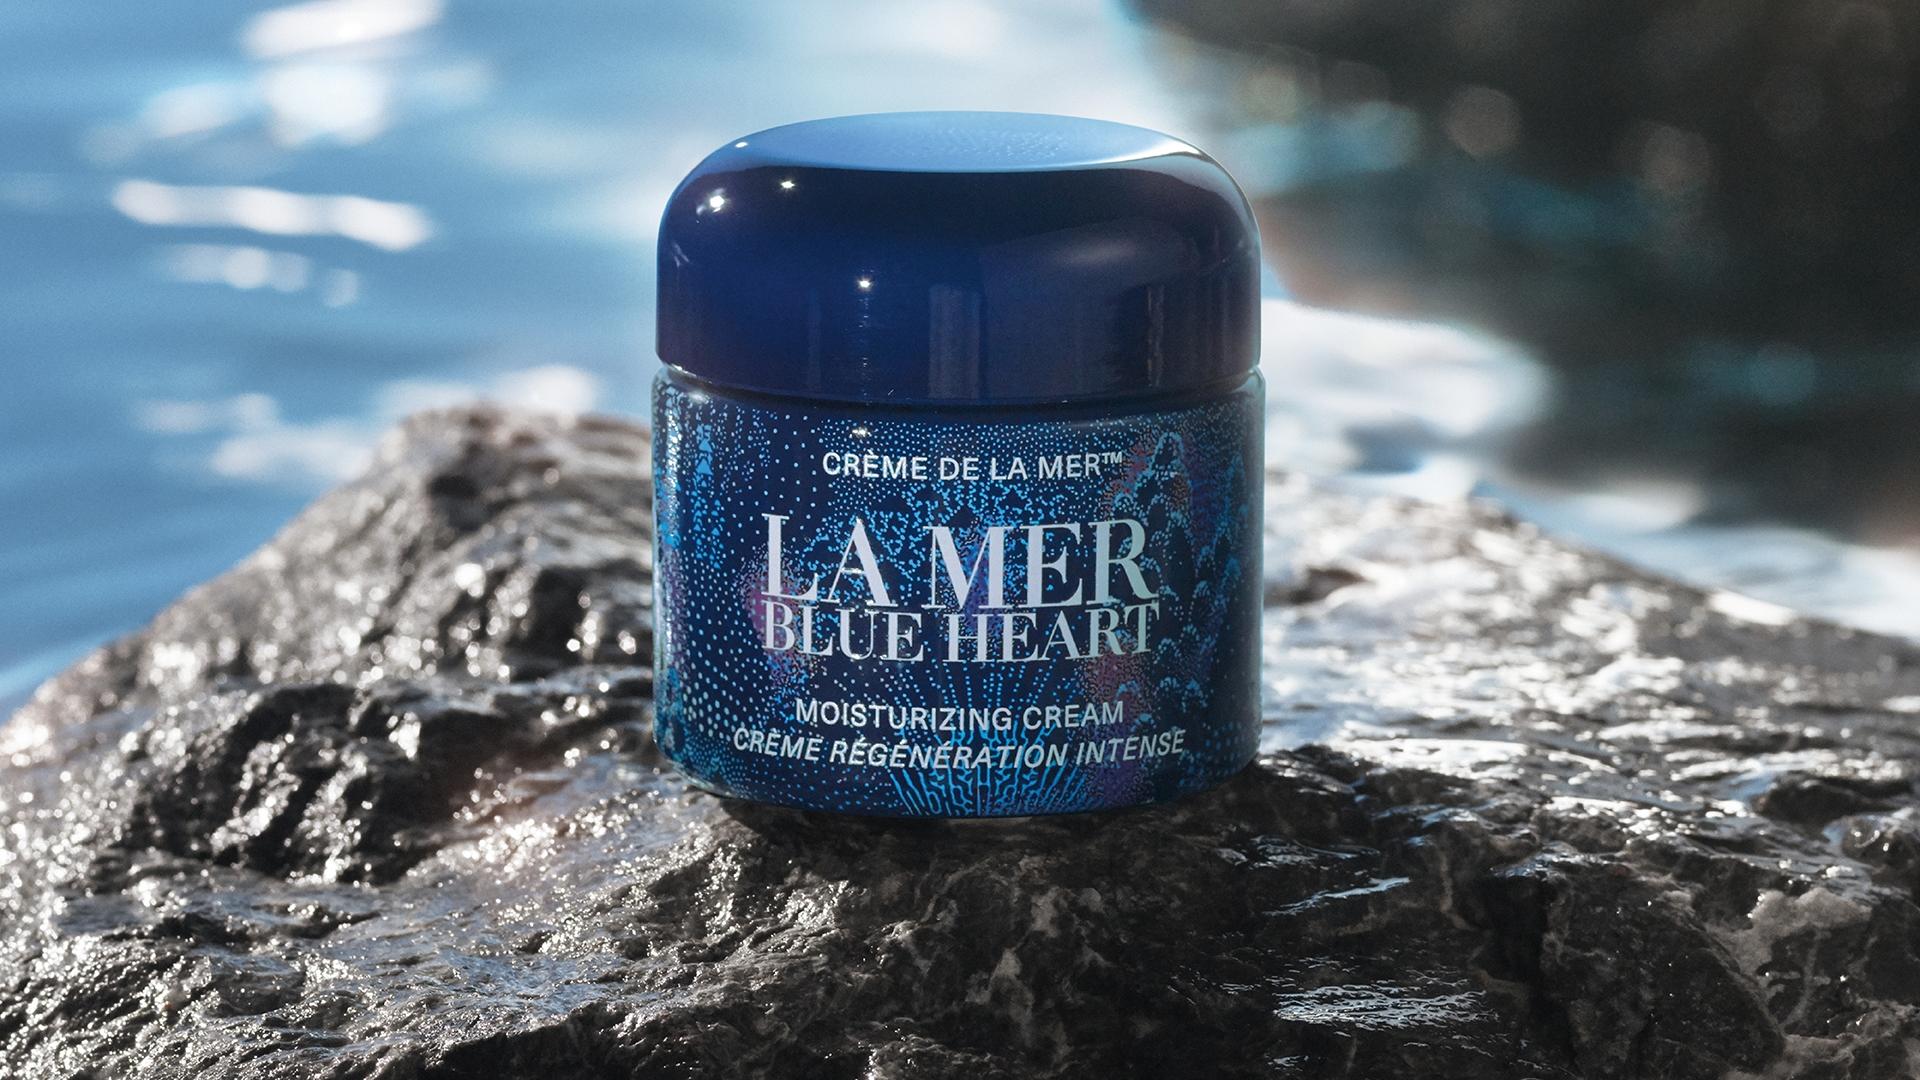 2021年La Mer以波光粼粼的閃亮海洋和海底神秘的螢光珊瑚作為限量版乳霜設計靈感,希望讓消費者體驗海洋拉娜傳奇性修復保濕力的同時,也能重視與加入海洋保育工作。